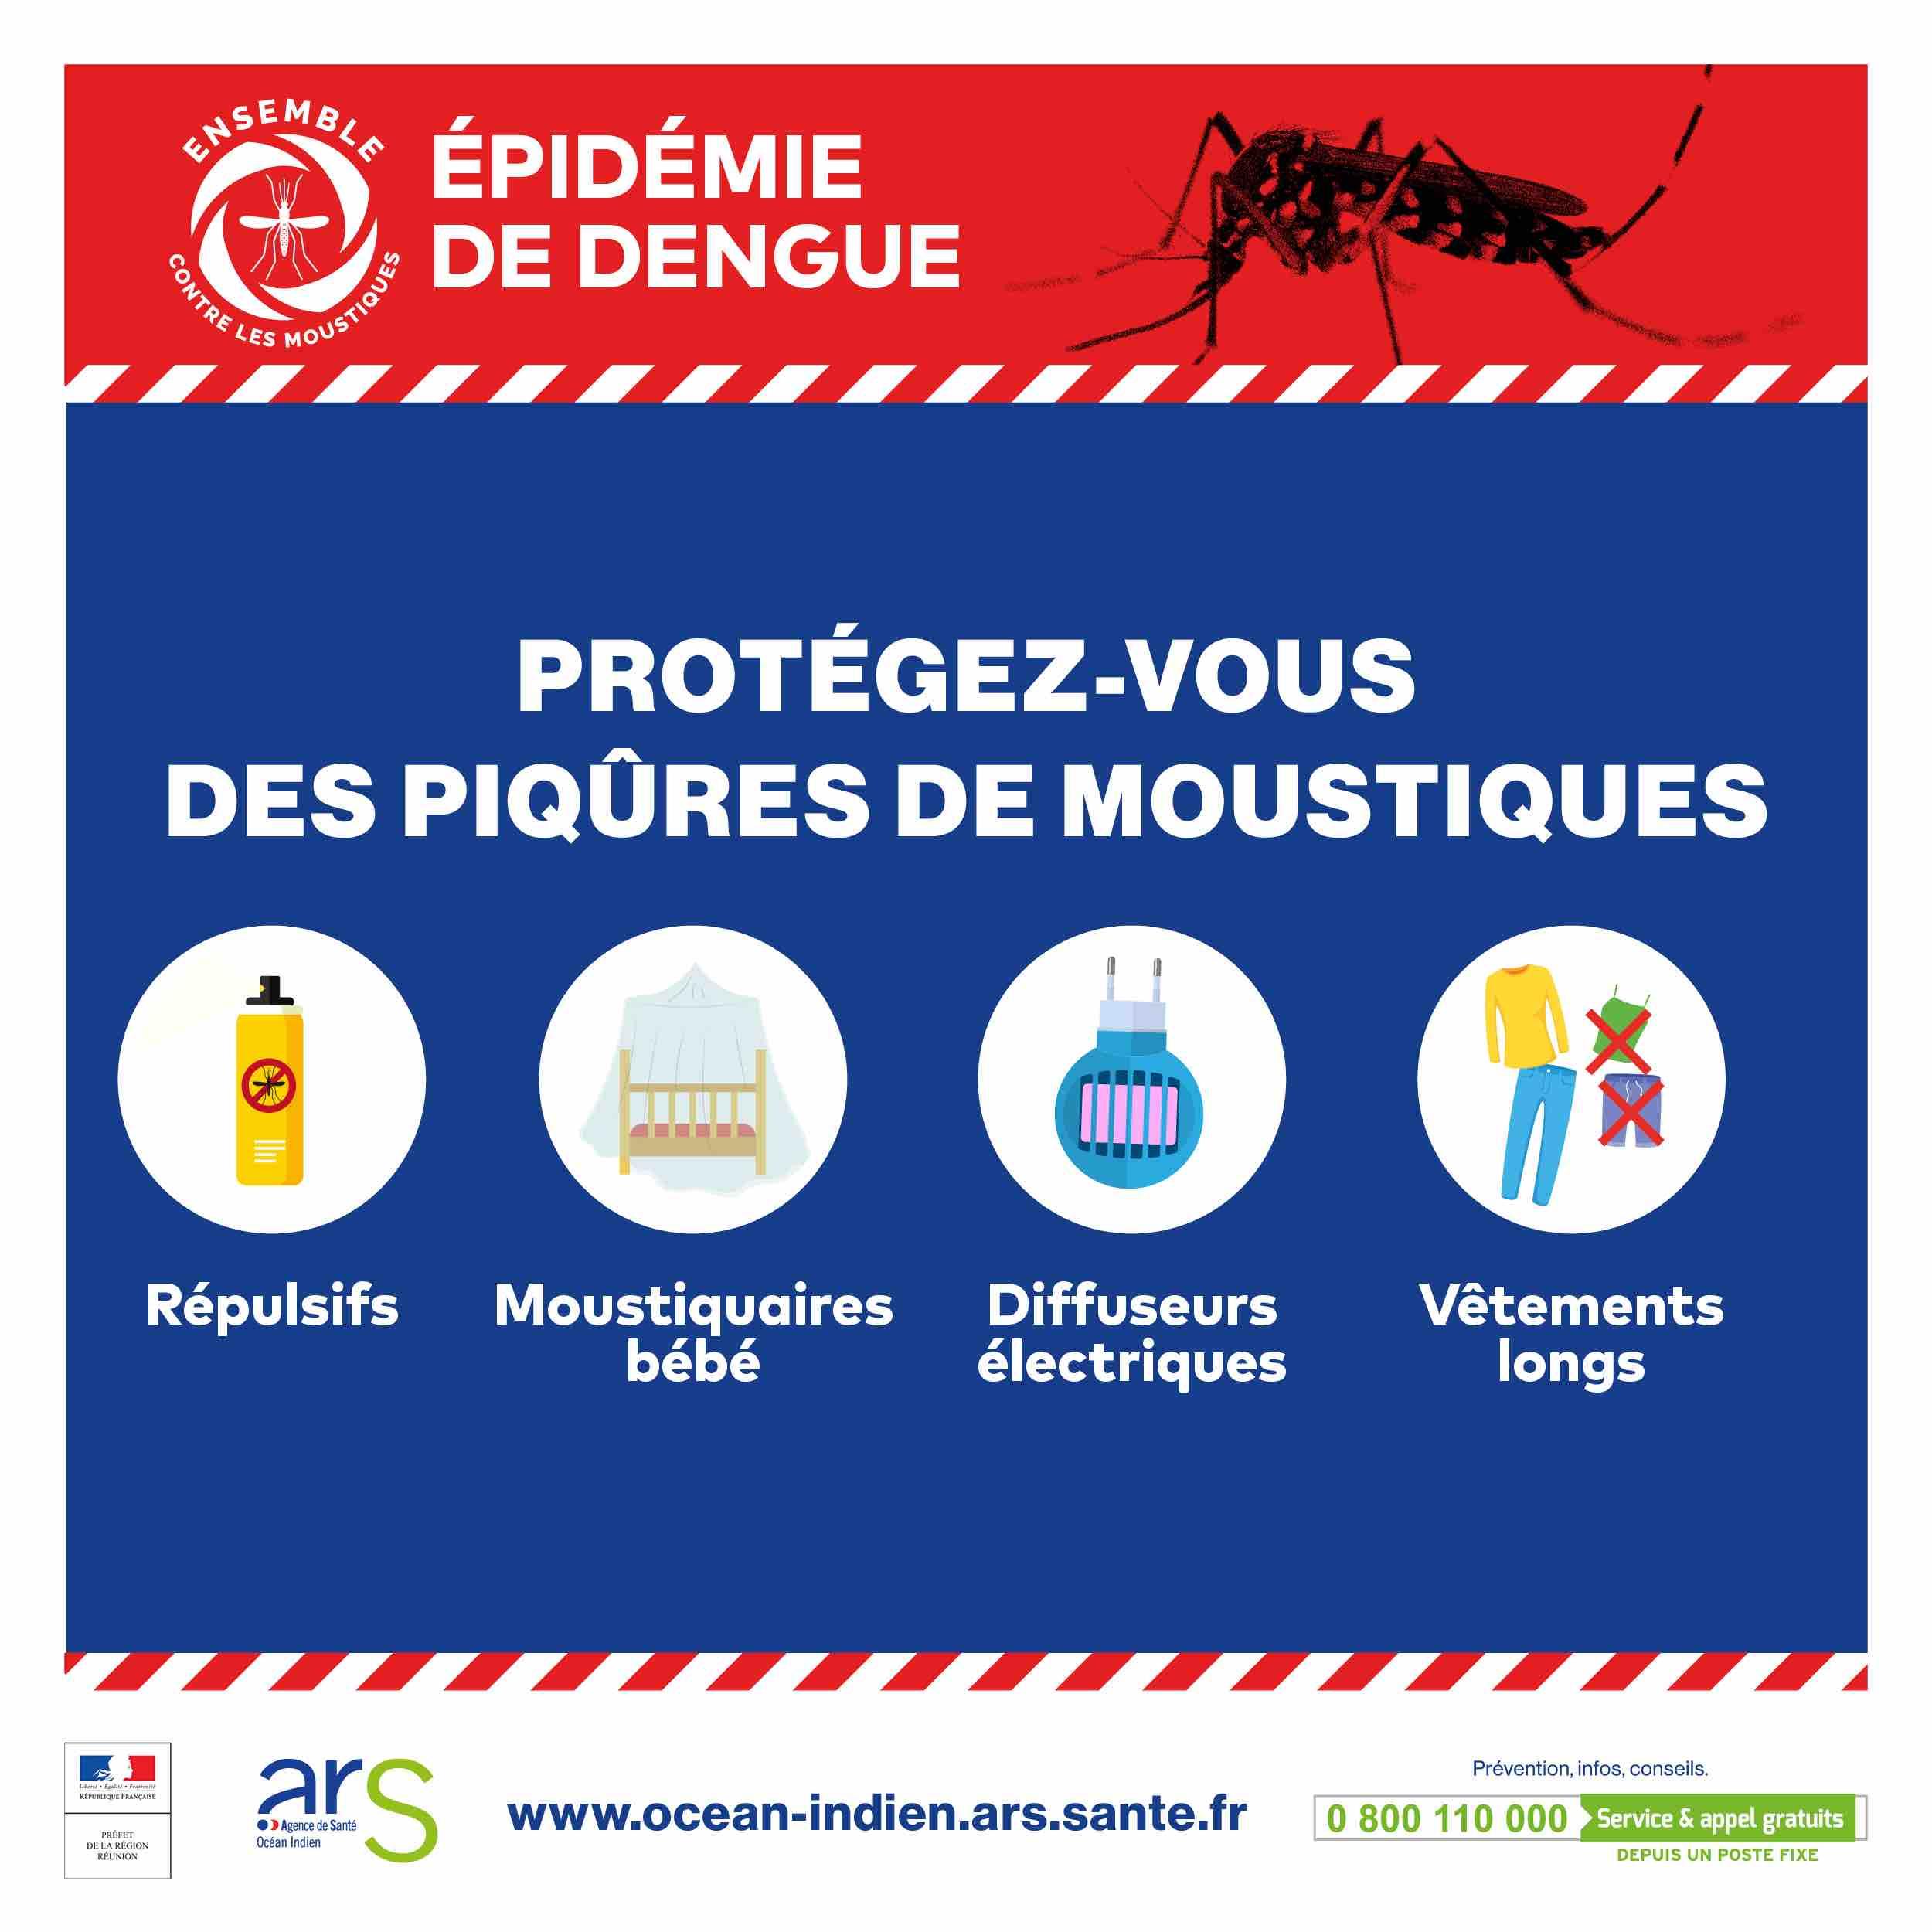 Dengue à La Réunion en 2020 : l'épidémie s'intensifie.